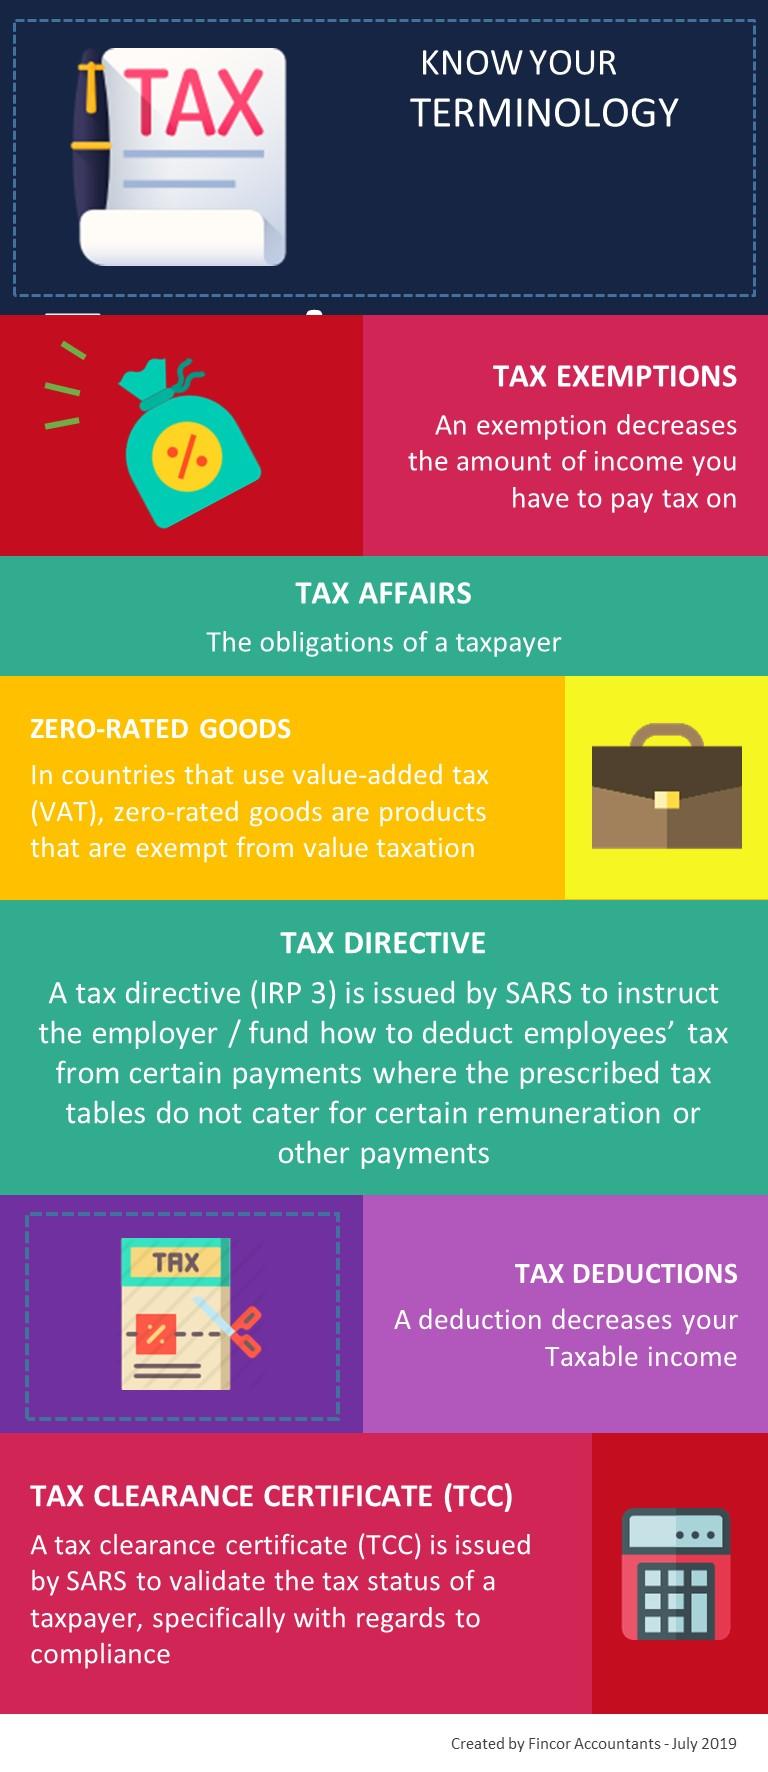 Tax Fincor VAT